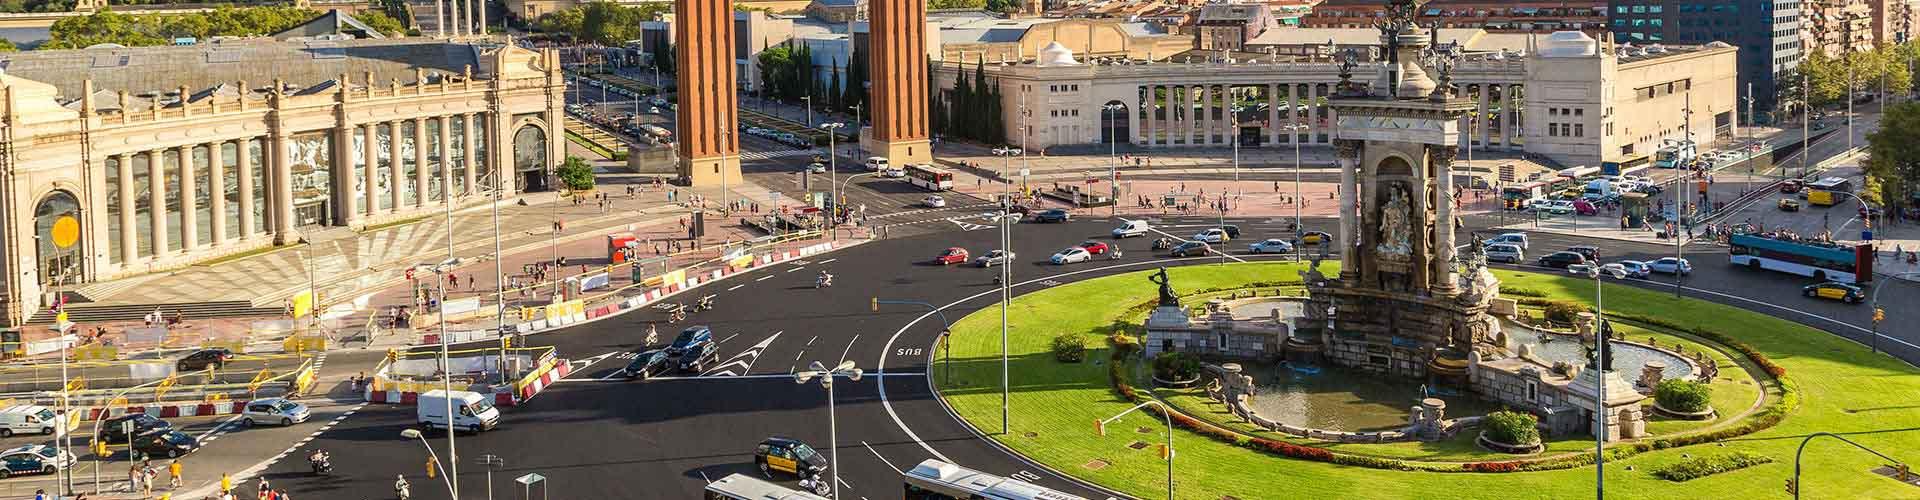 바르셀로나 - 시티 센터에 가까운 호스텔. 바르셀로나의 지도, 바르셀로나에 위치한 호스텔에 대한 사진 및 리뷰.